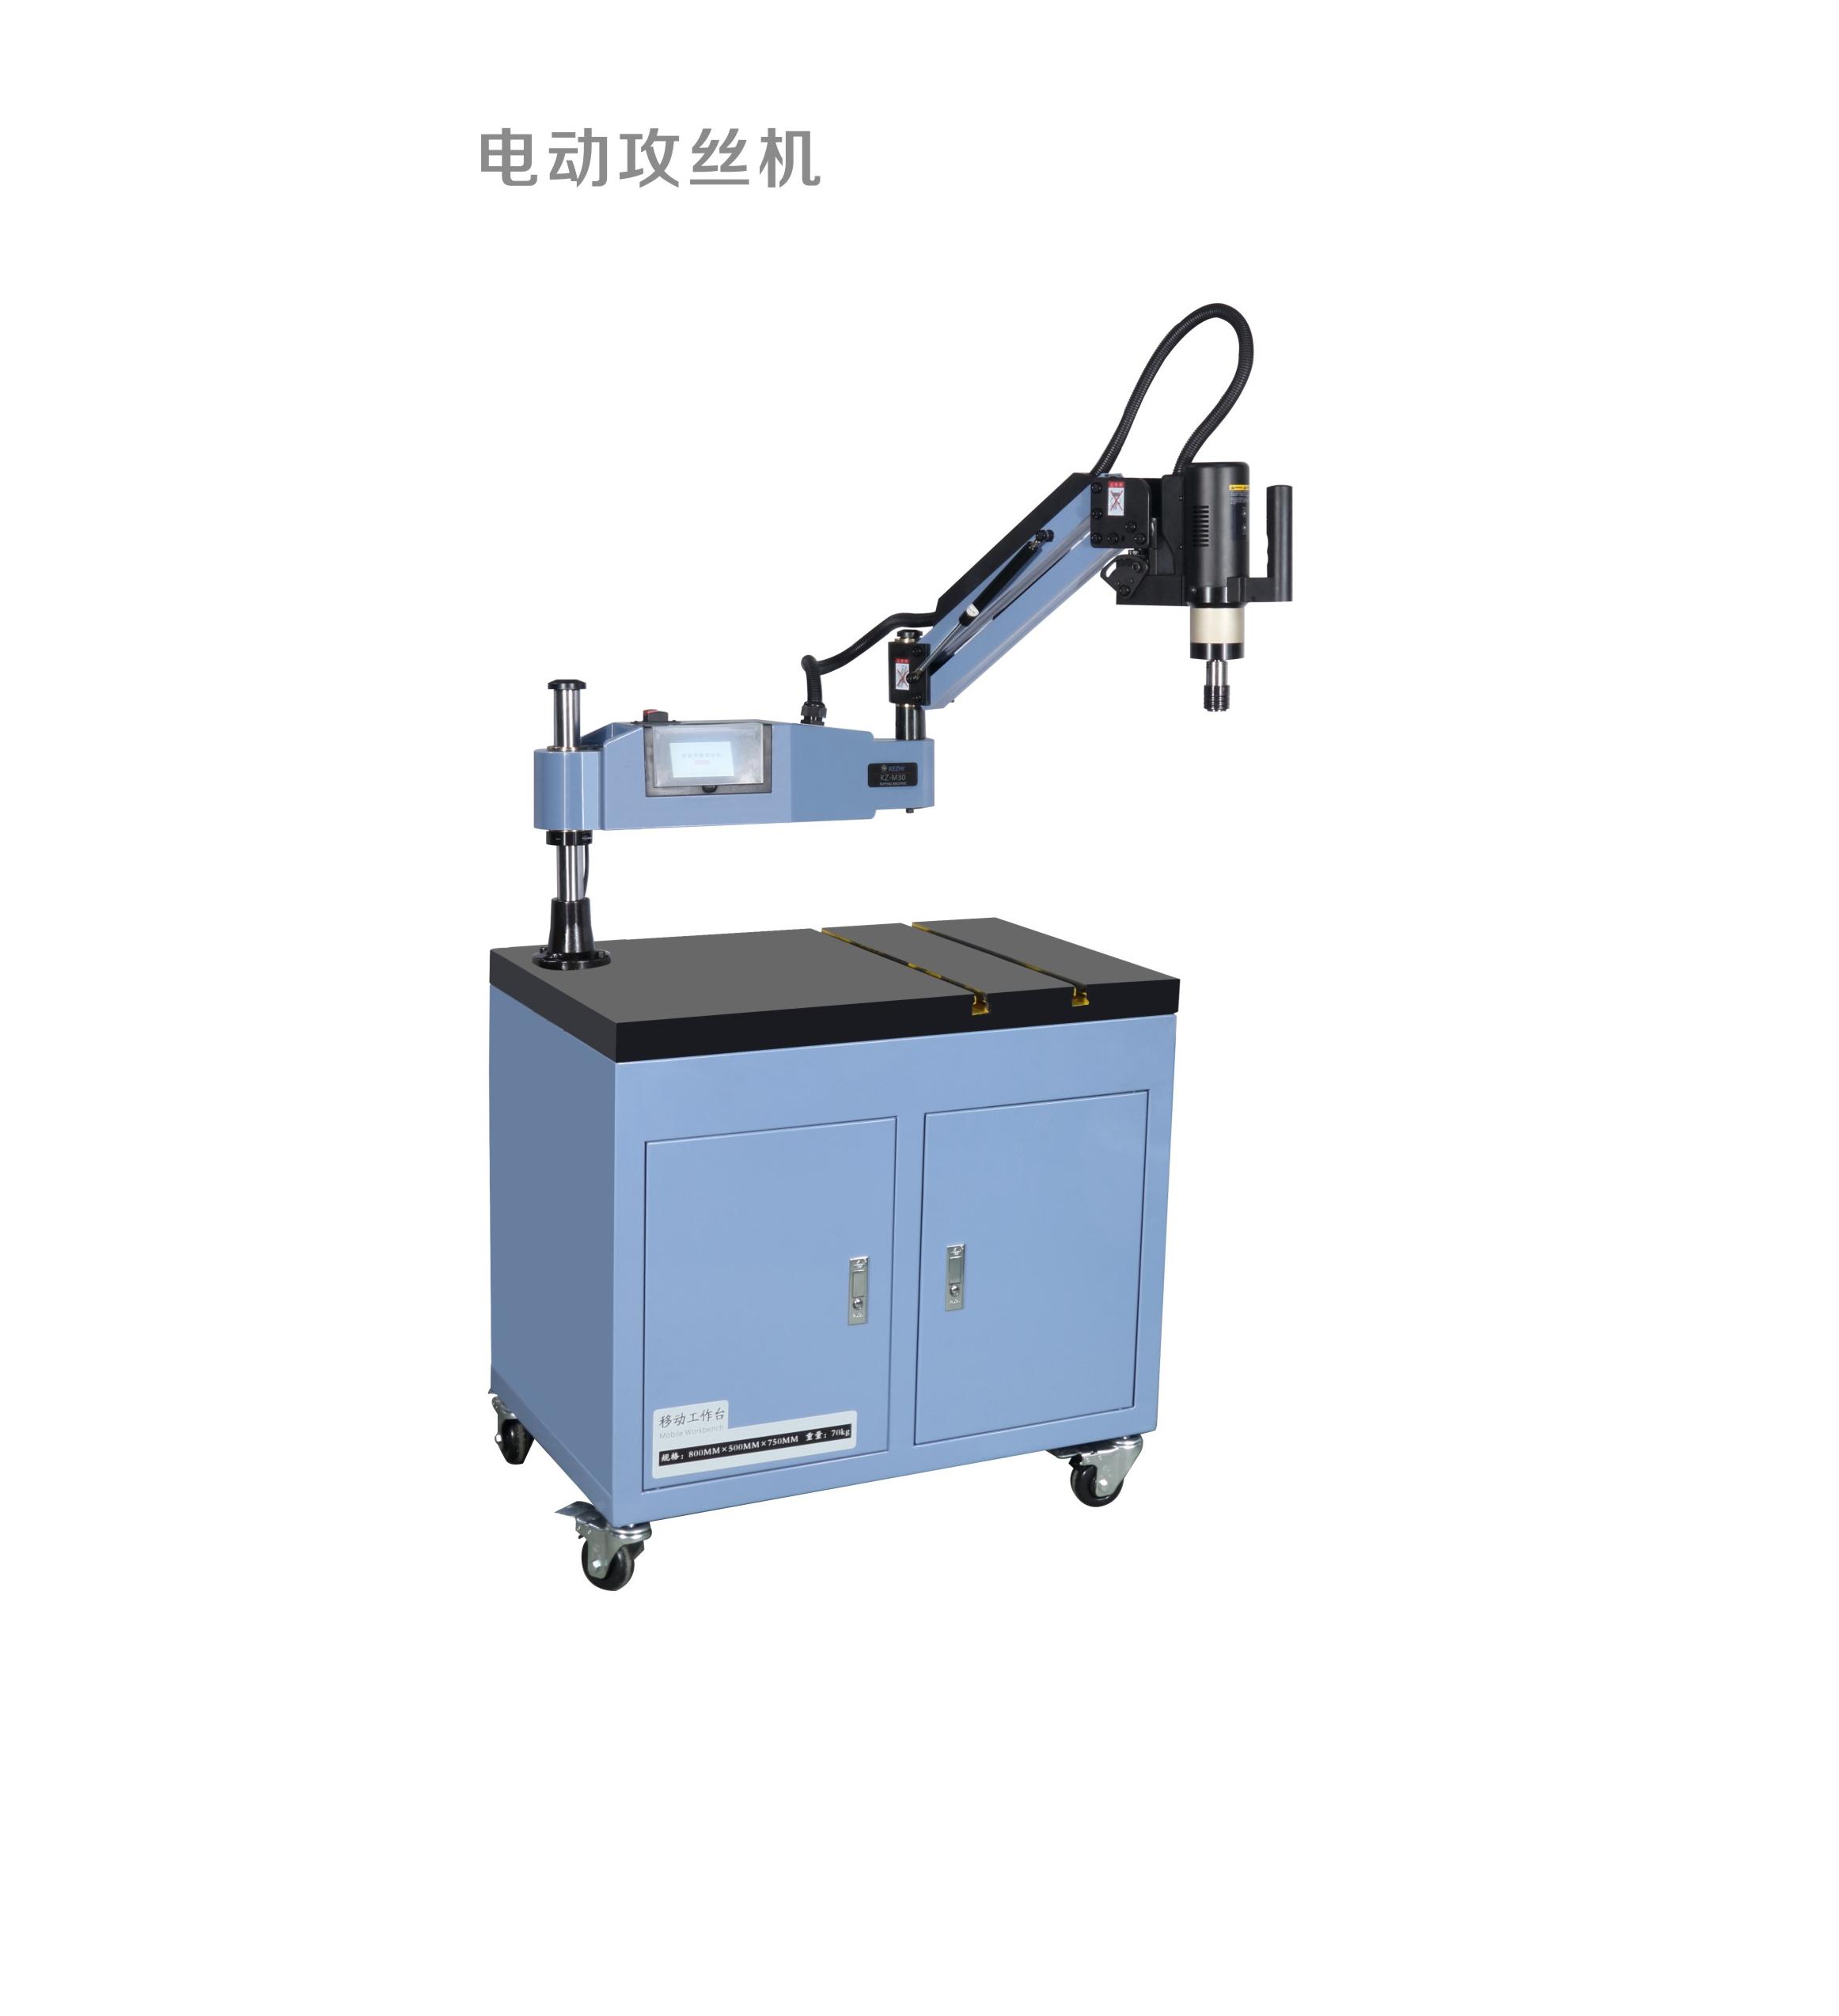 浙江KM-M16电动攻丝机